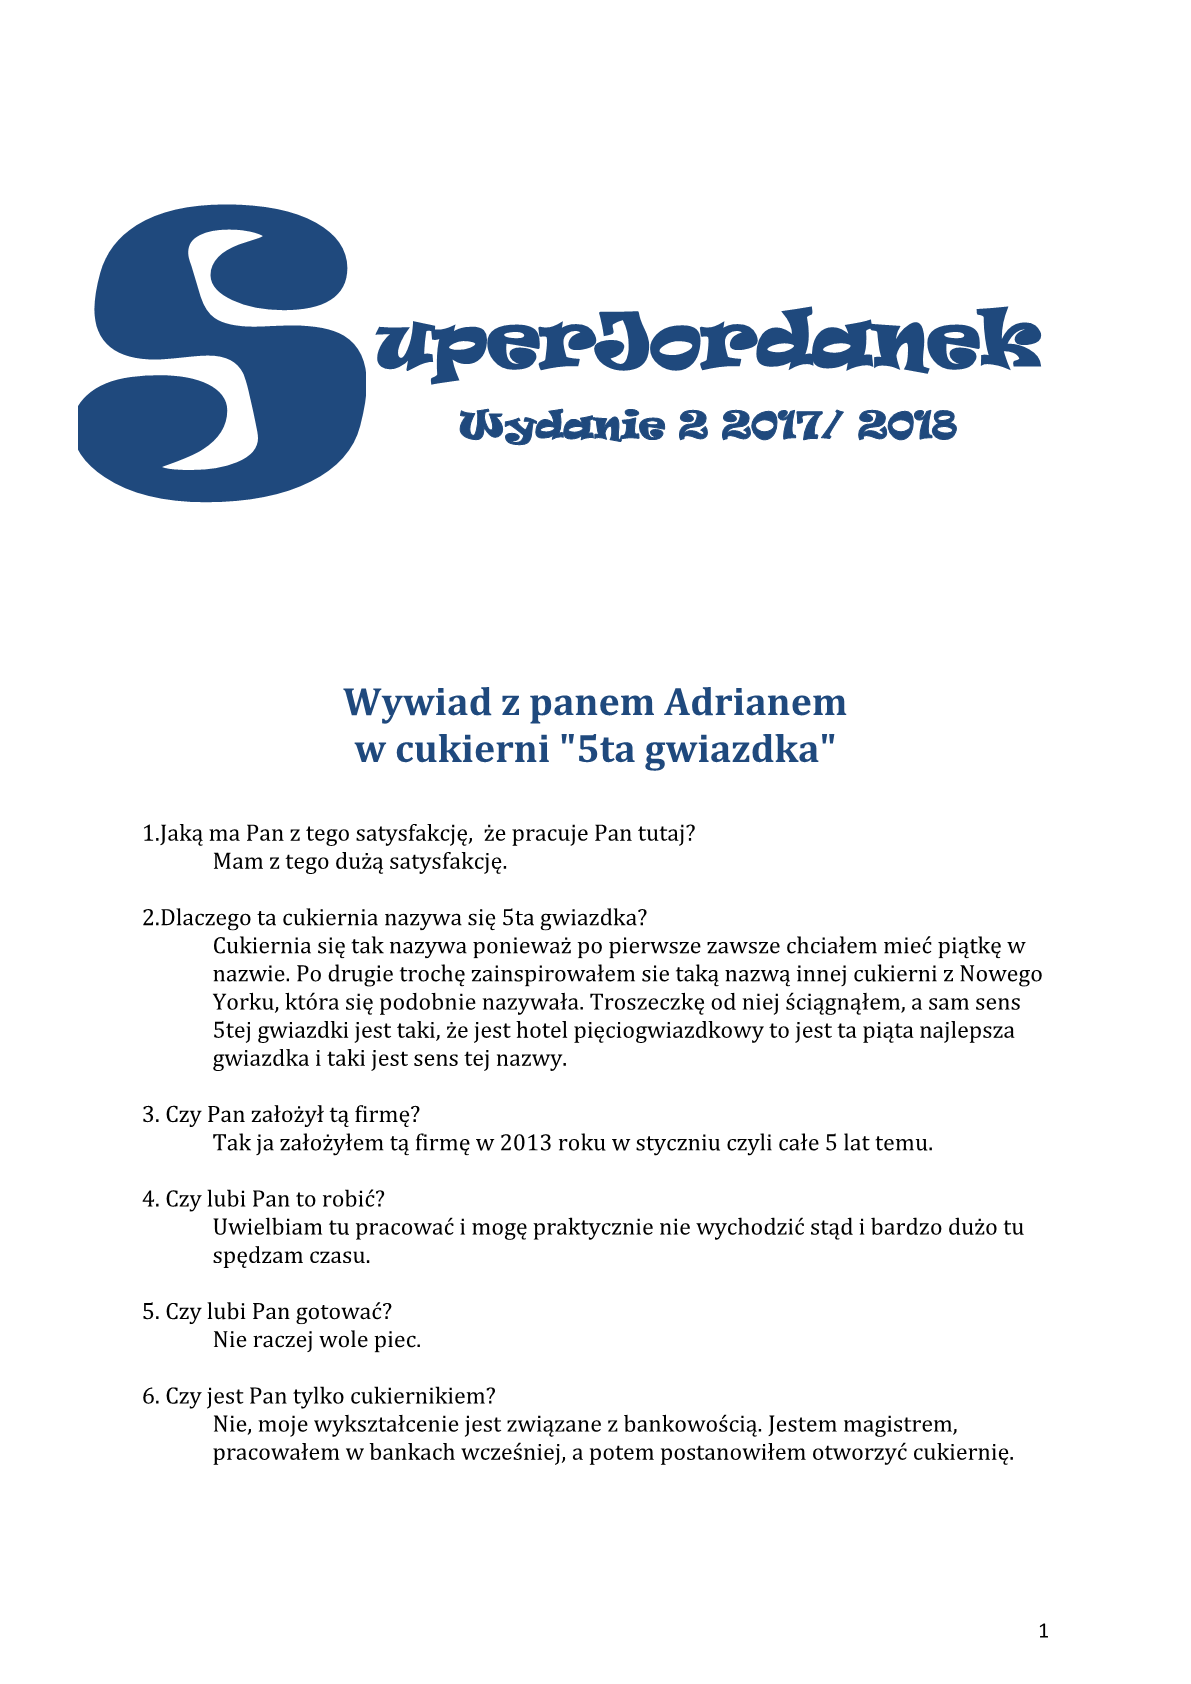 """""""Super Jordanek"""" wyd. 2, 2017/2018"""